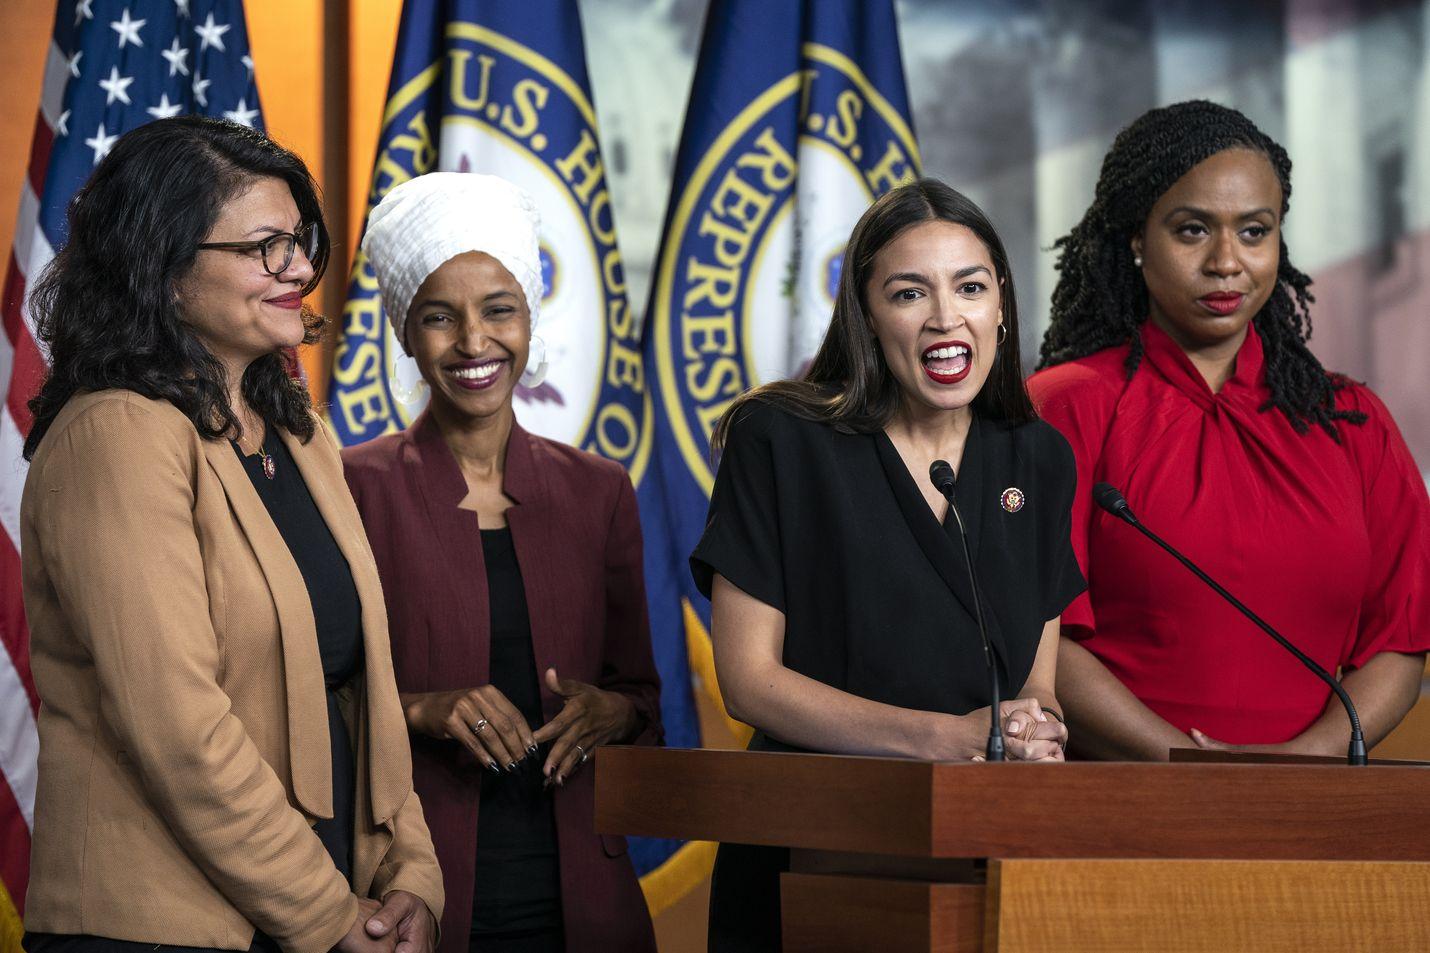 Demokraattien kongressiedustajat Rashida Tlaib (vas.), Ilhan Omar, Alexandria Ocasio-Cortez ja Ayanna Pressley kertoivat maanantaina pitävänsä presidentti Donald Turumpin tviittejä häiriötekijänä.